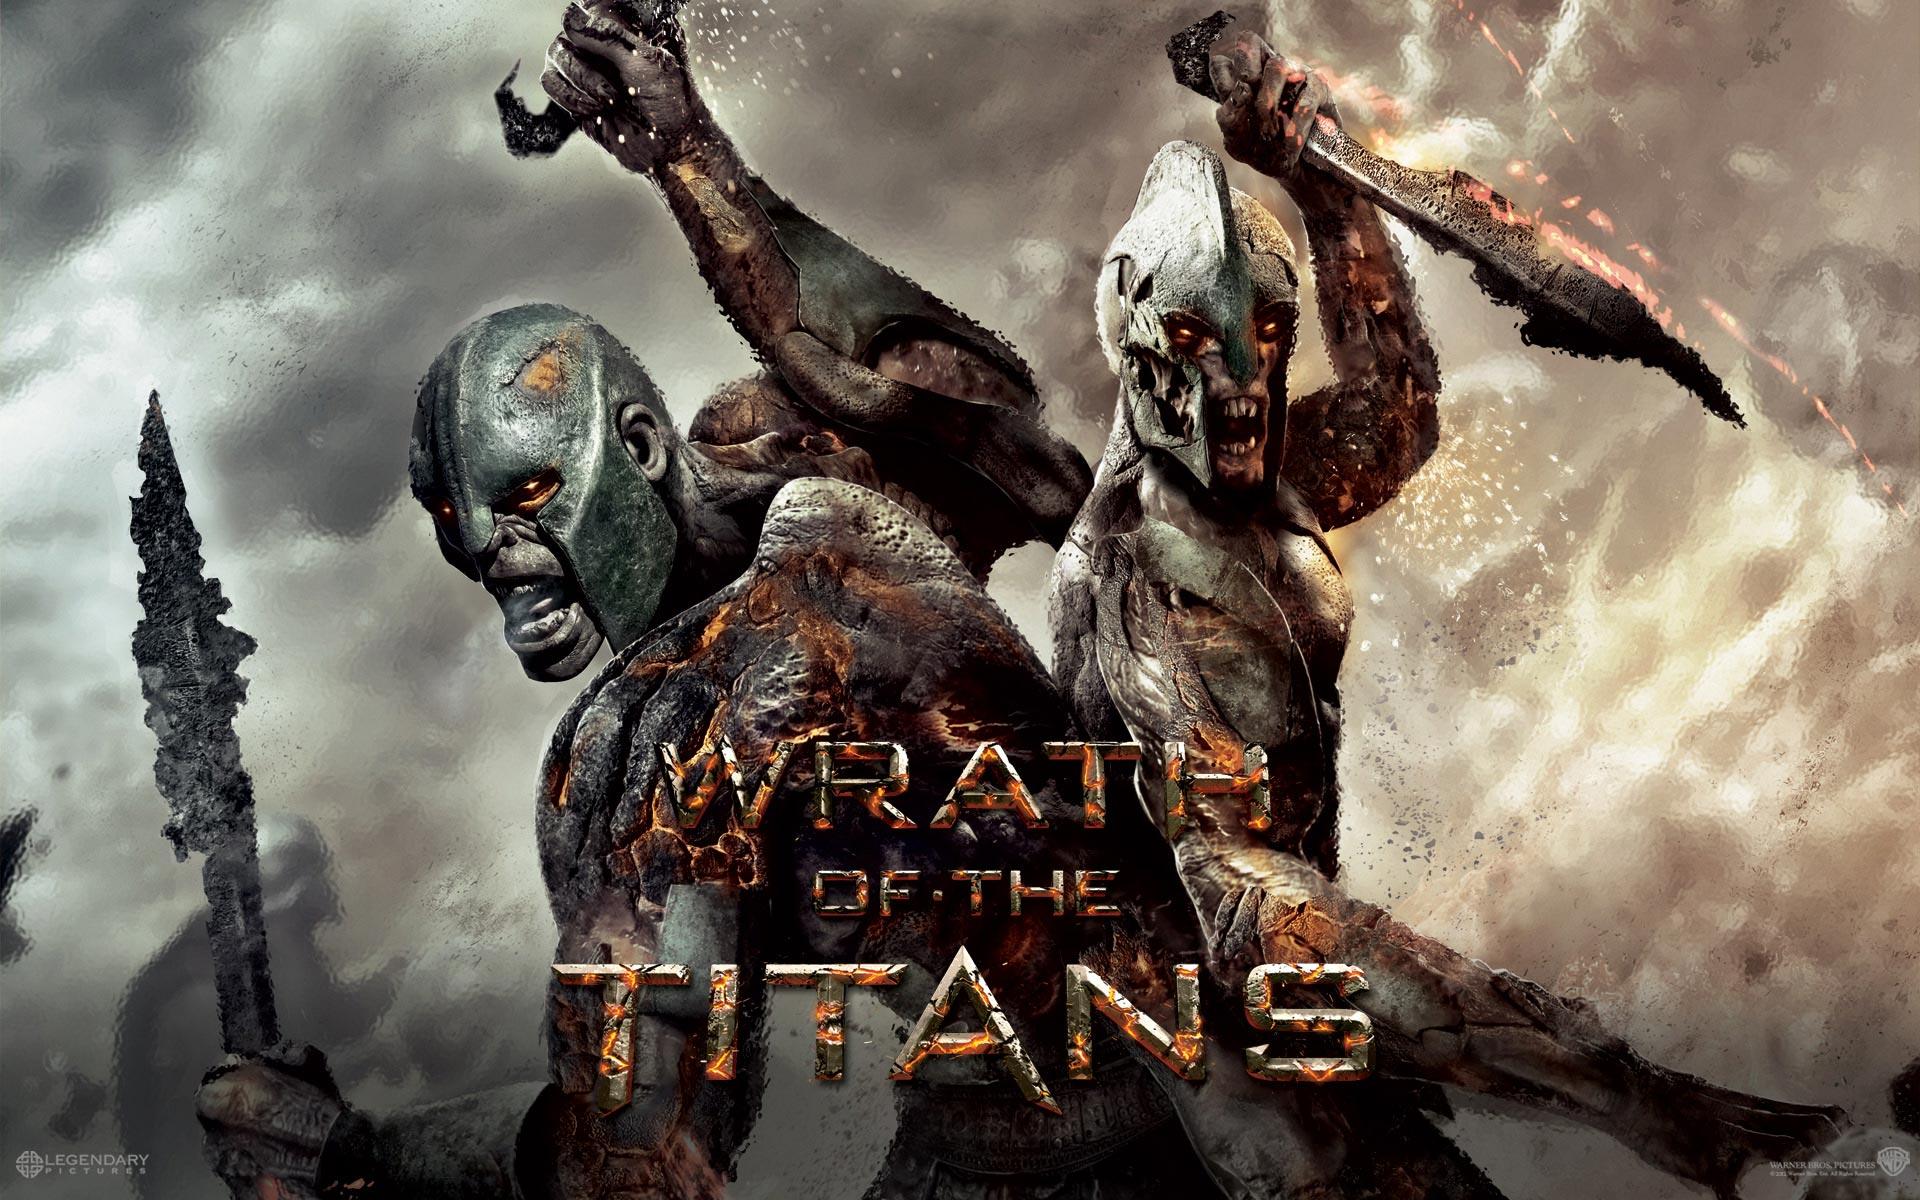 Wrath Of The Titans Wallpapers Filmofilia